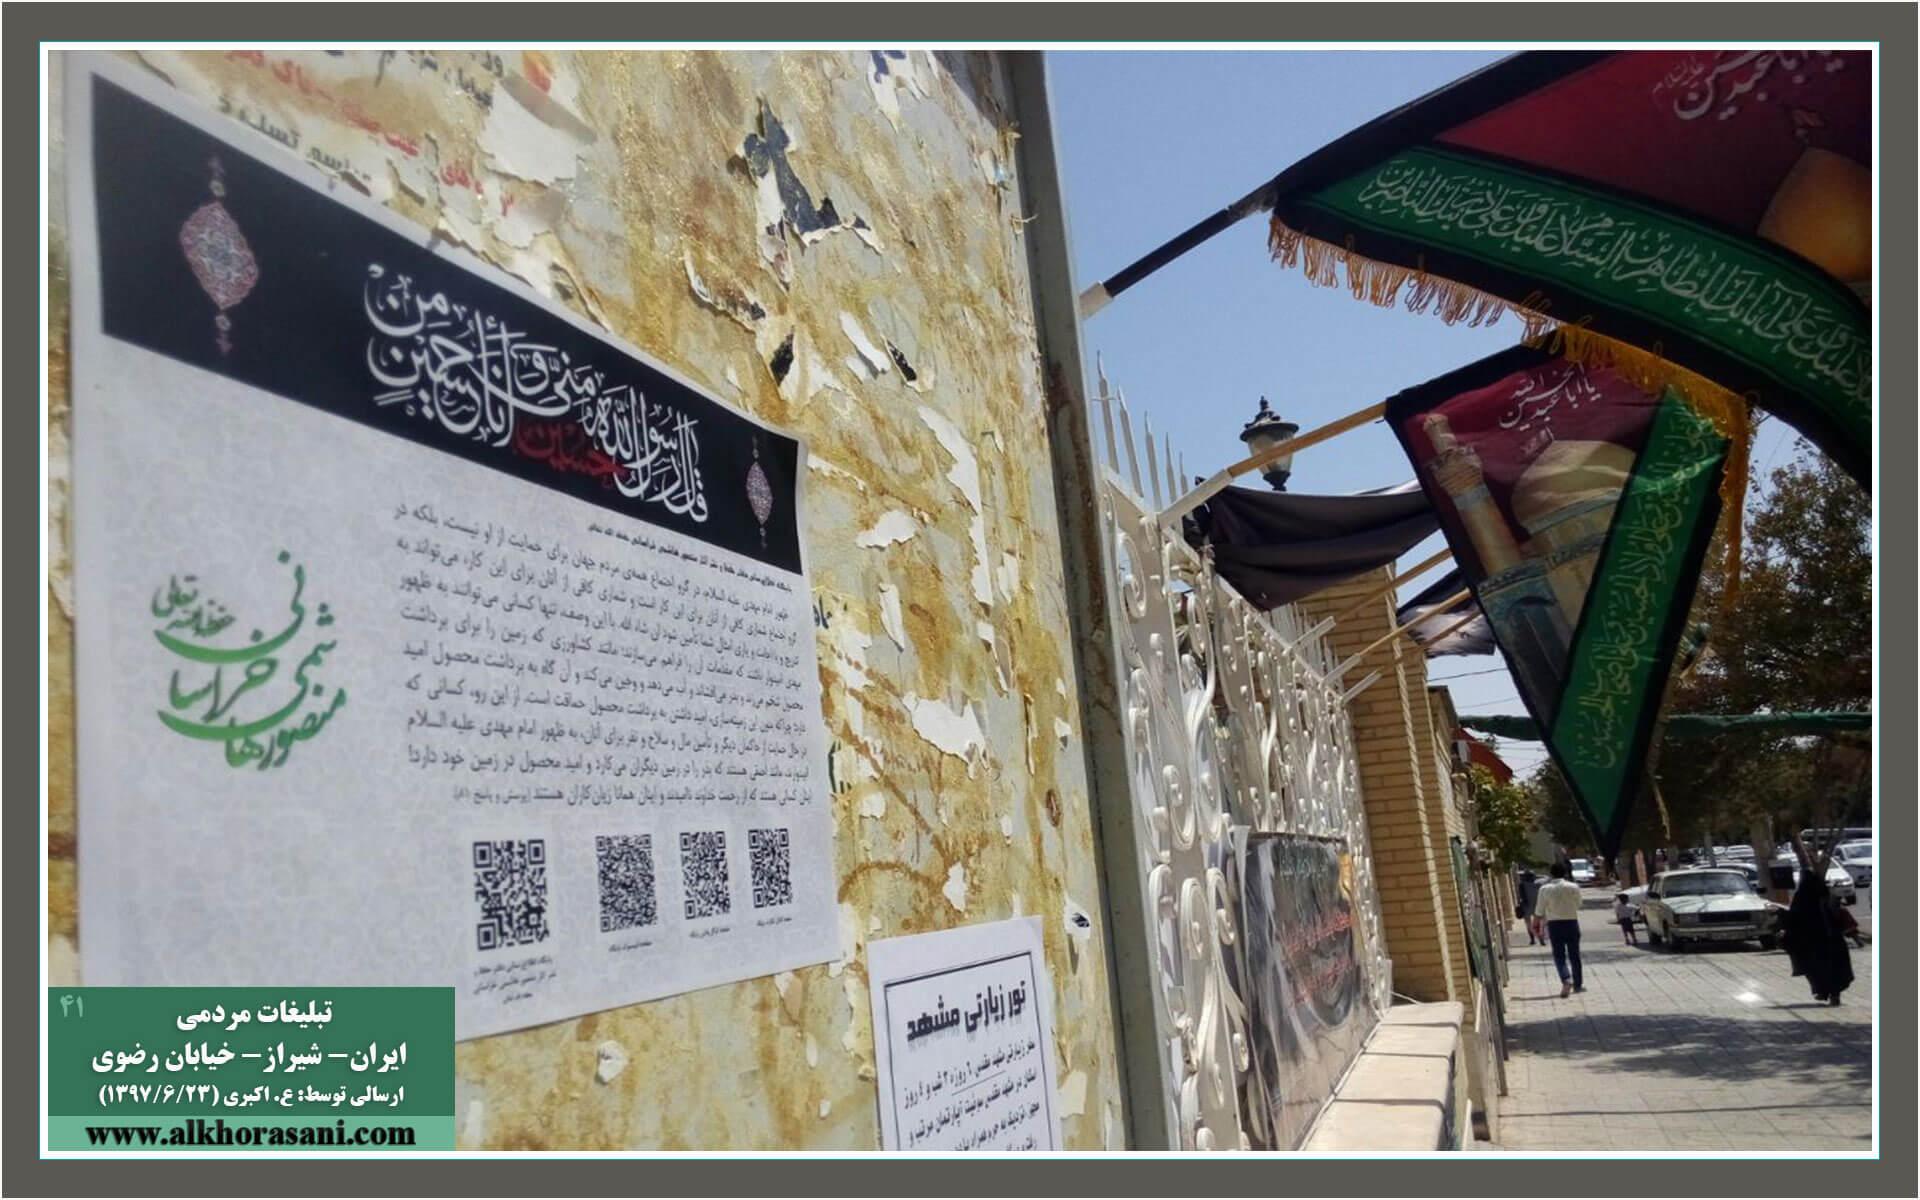 نهضت بازگشت به اسلام در شیراز